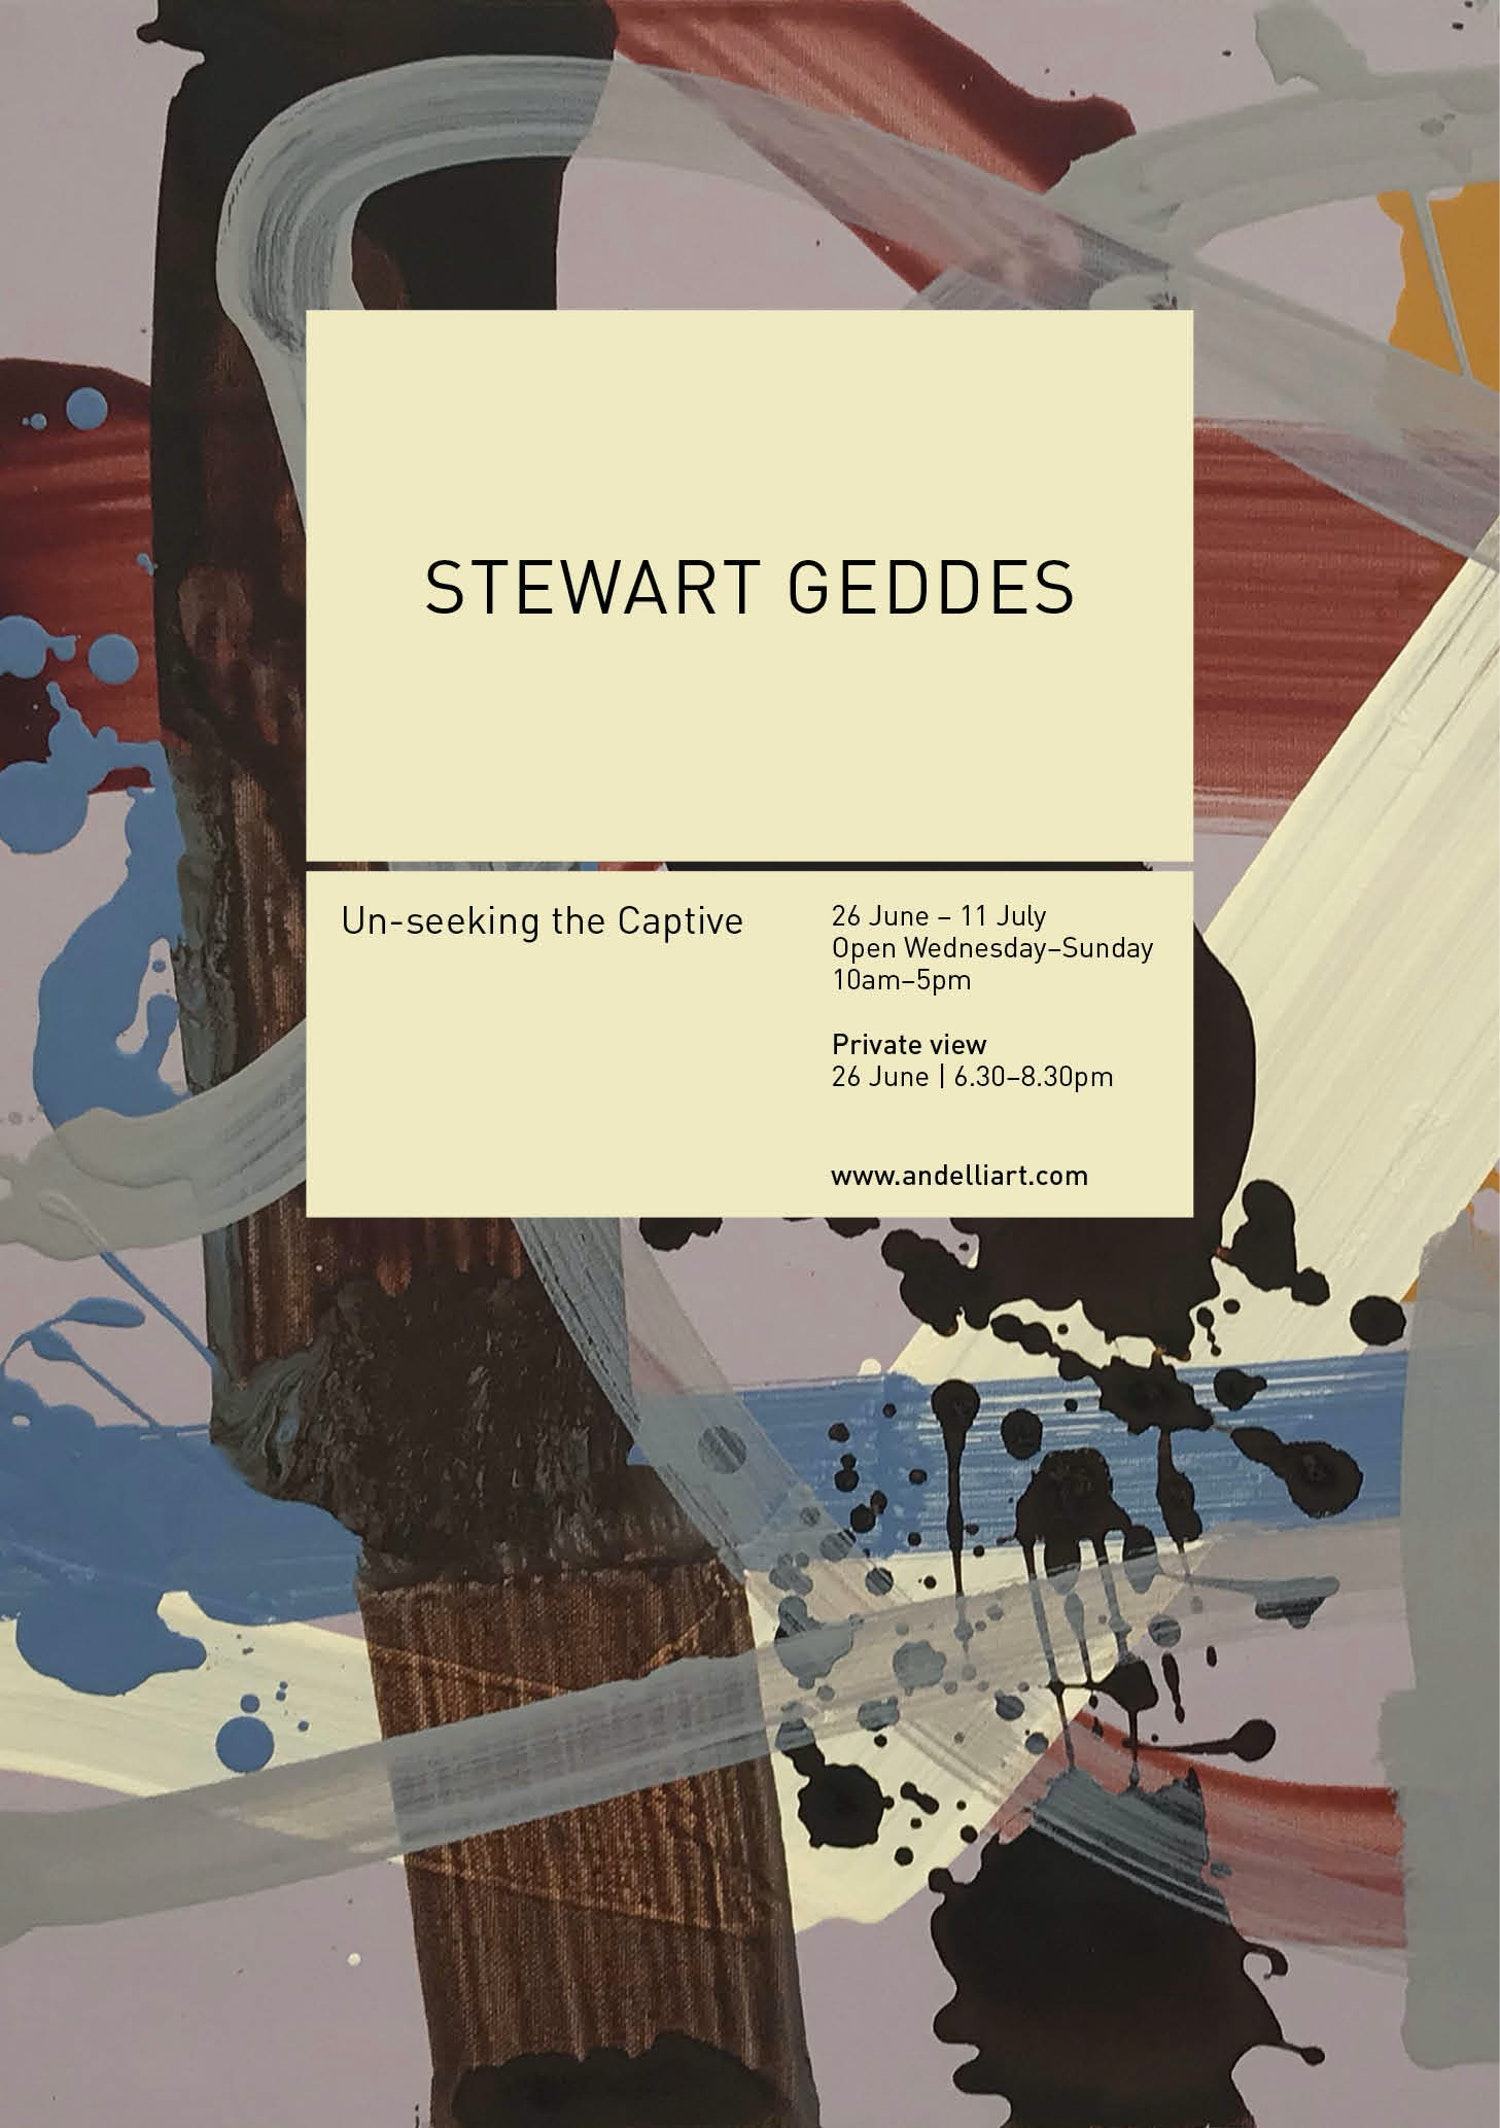 Stewart geddes save the date 2